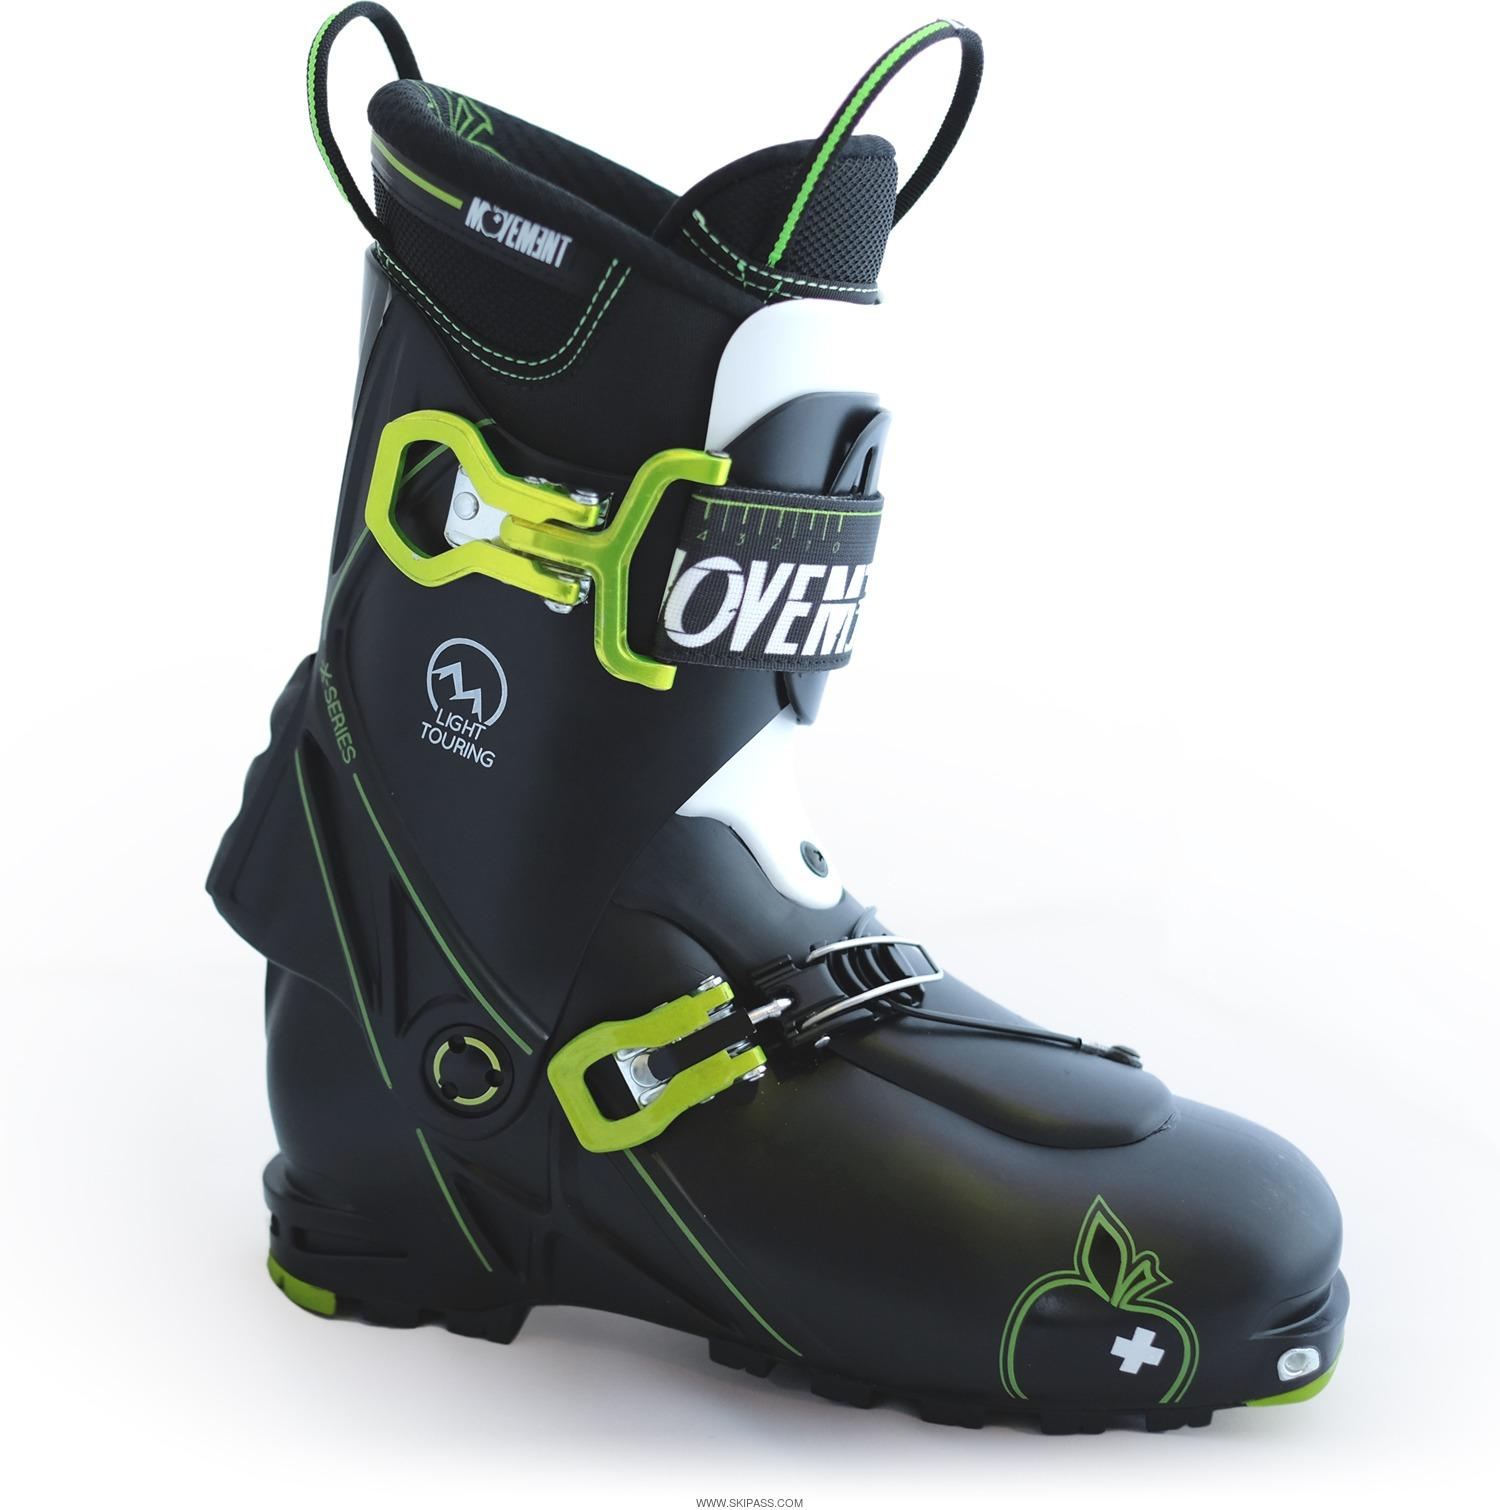 2016 Salomon Chaussure Randonnée Chaussure Ski Ski 8nvNwm0O